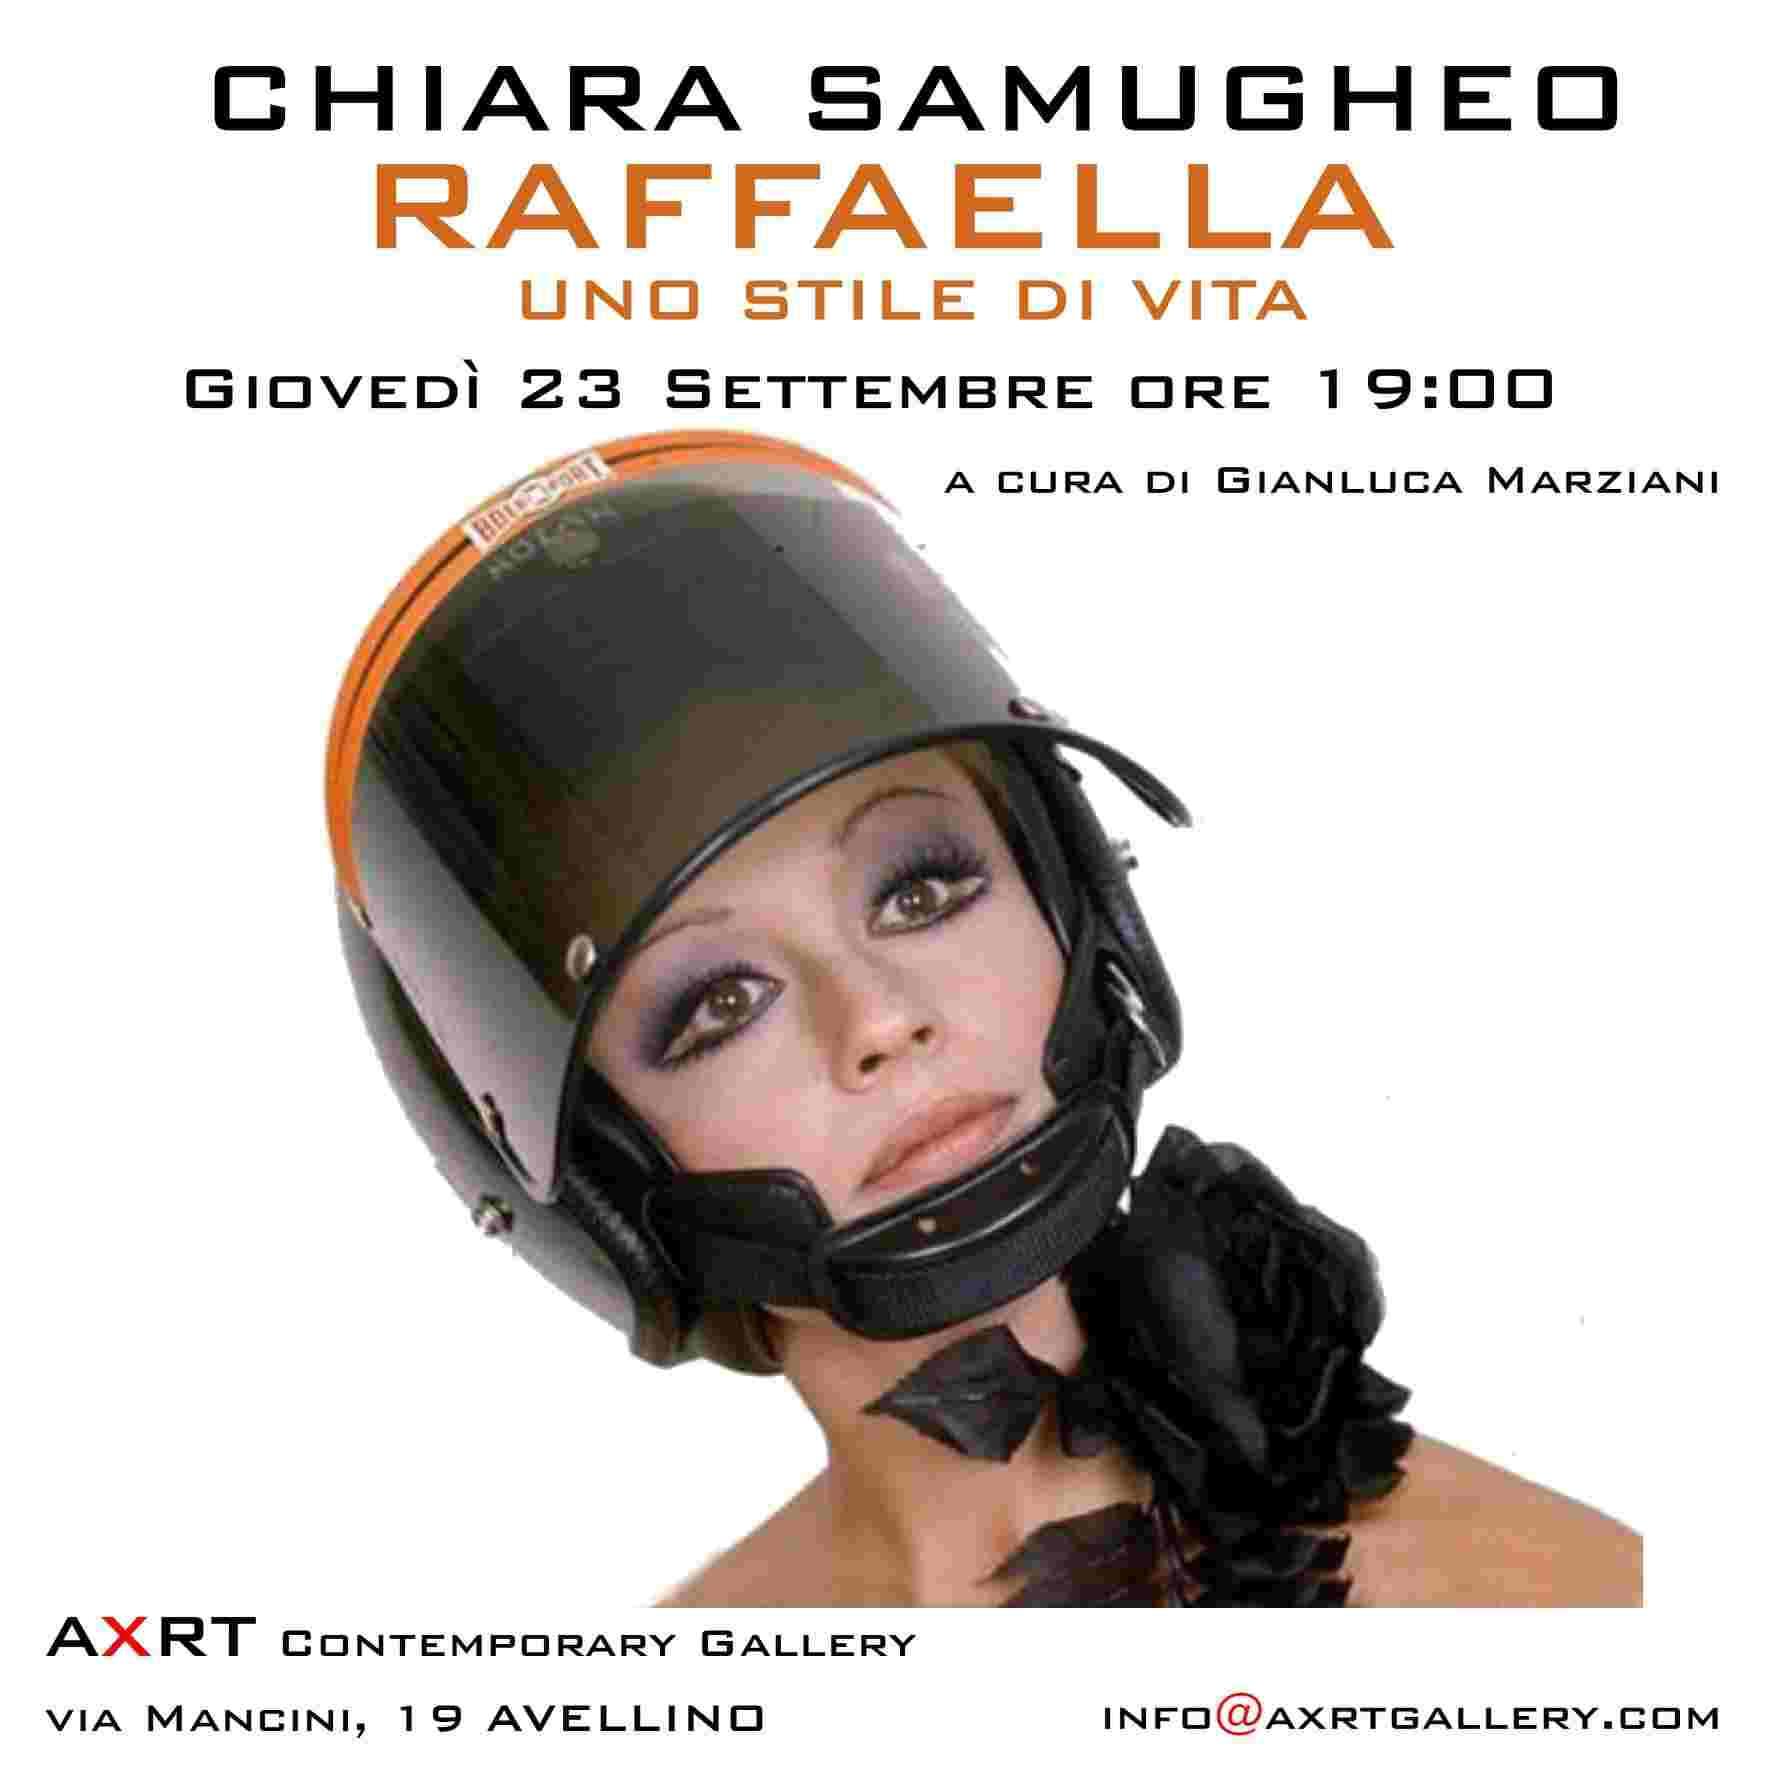 La locandina della mostra fotografica di Raffaella Carrà ad Avellino.